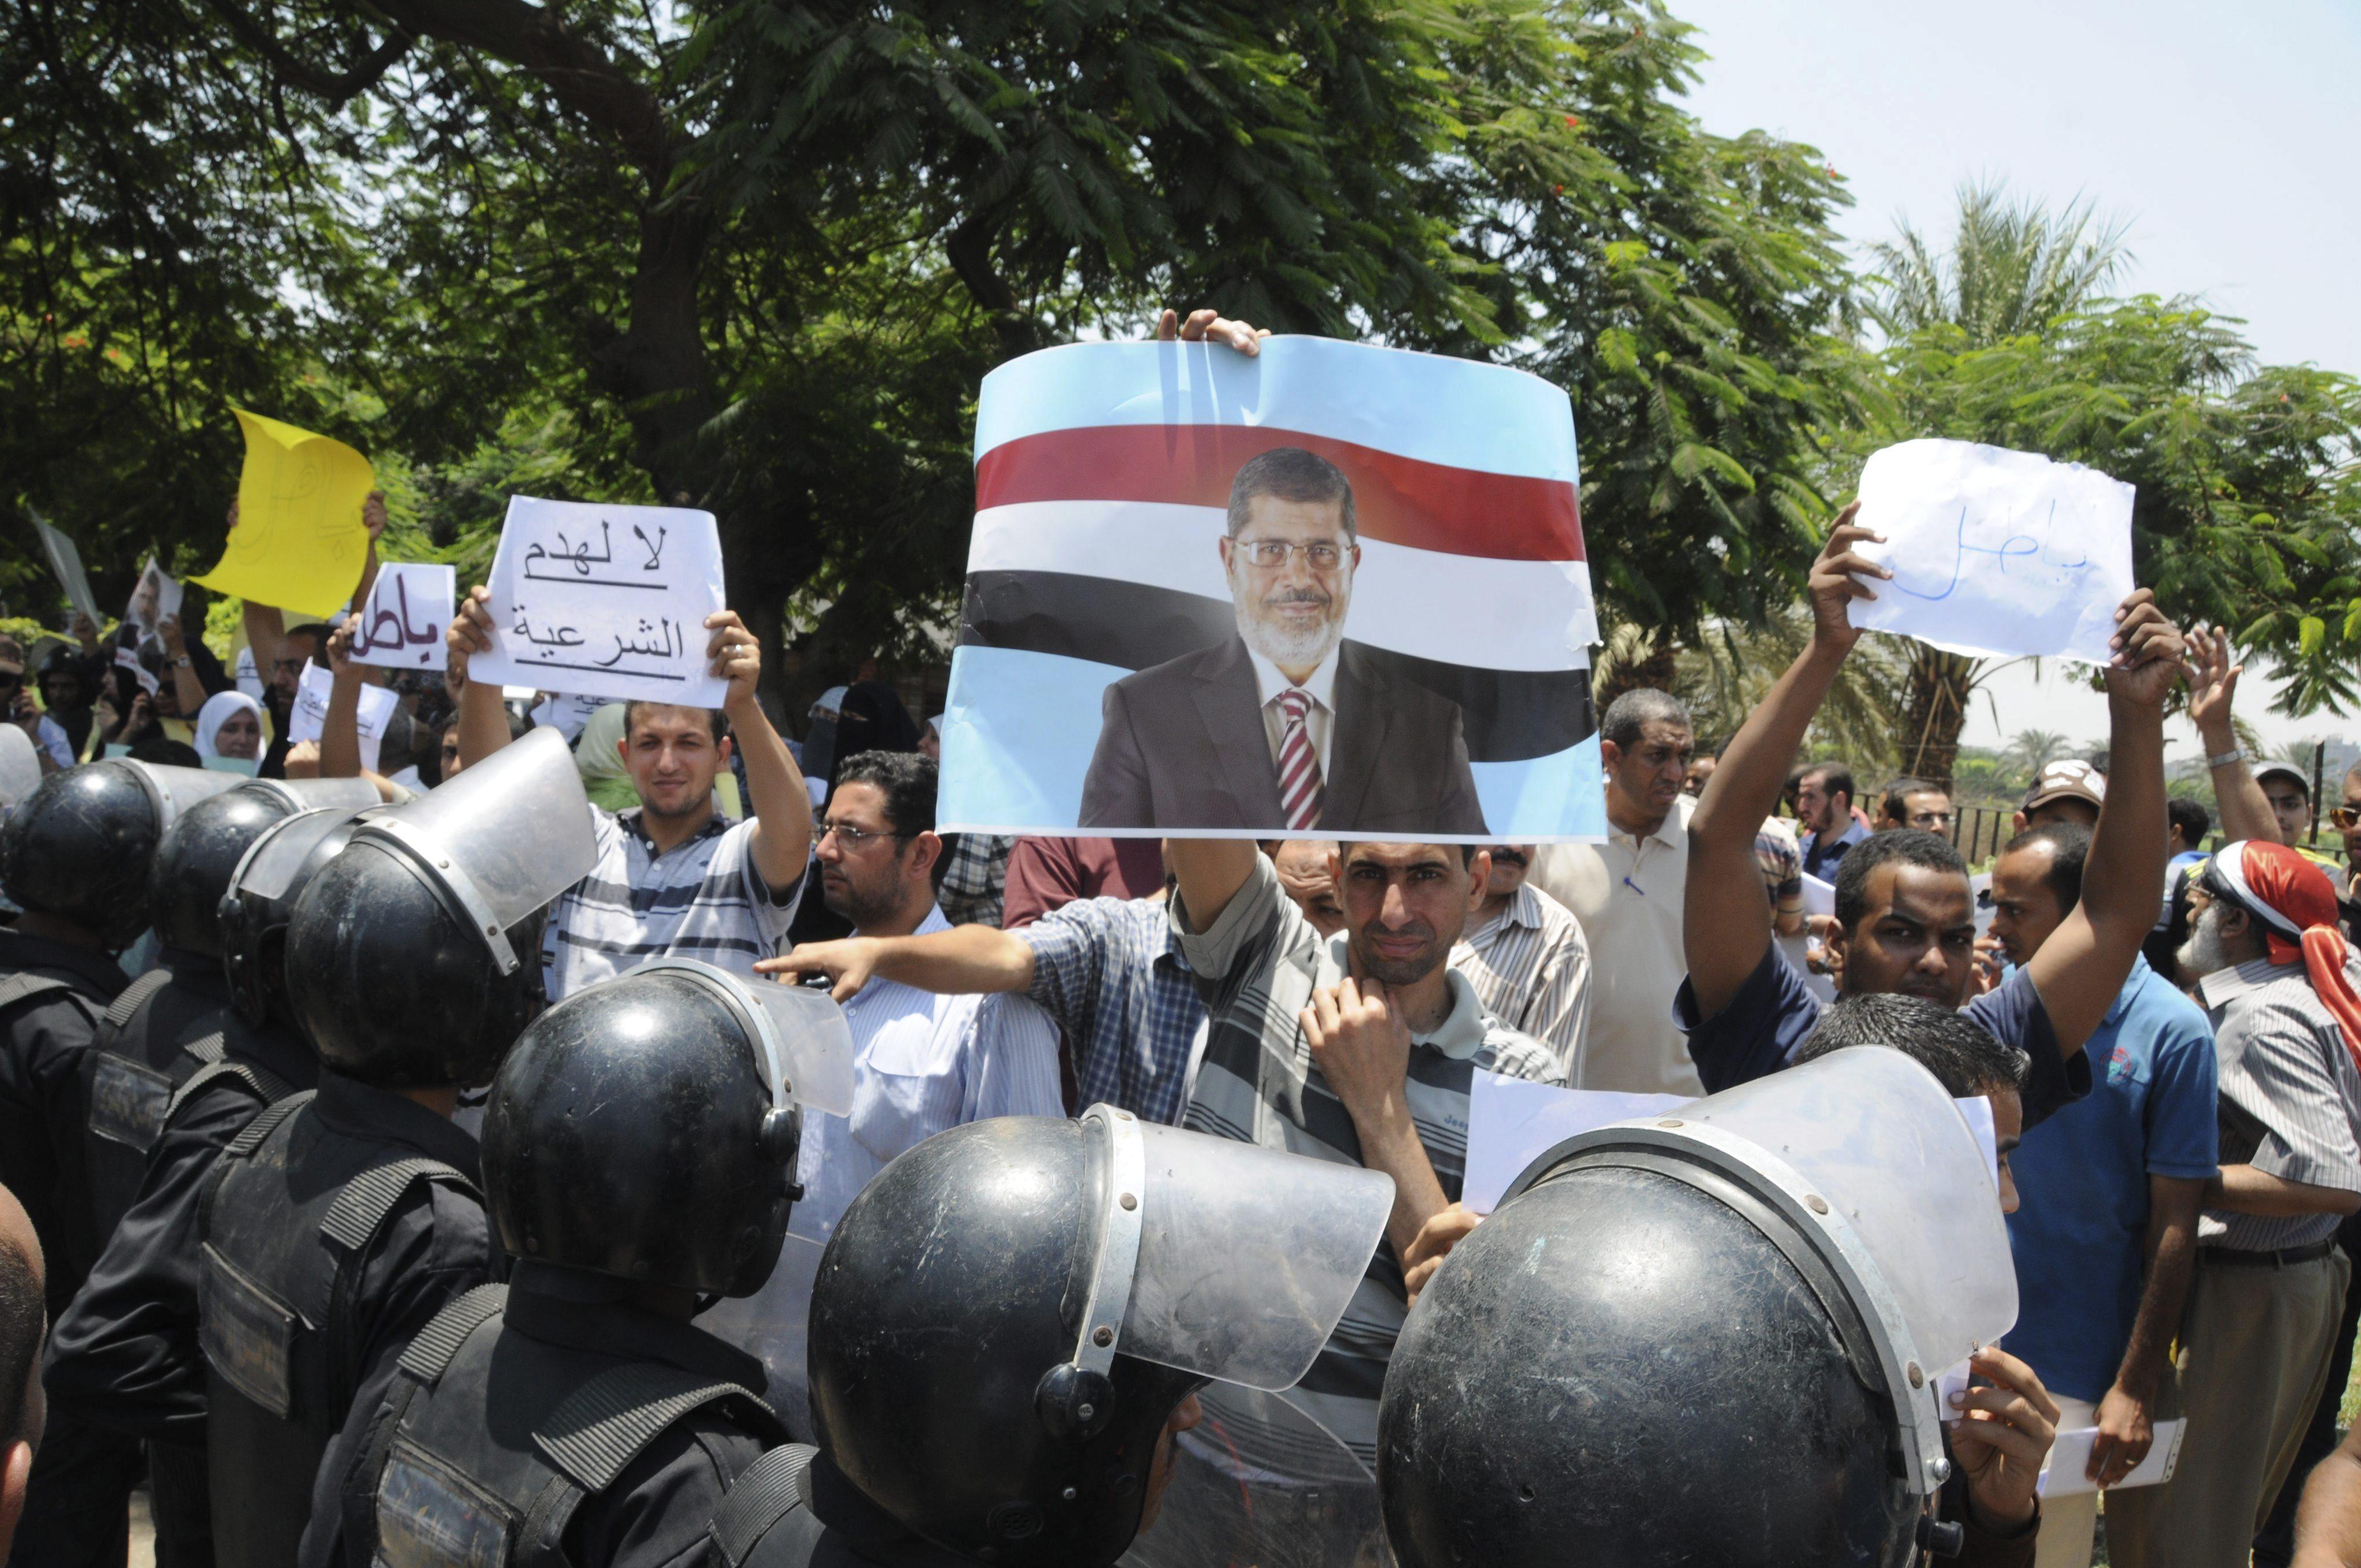 La Justicia egipcia prohíbe salir del país a Mursi